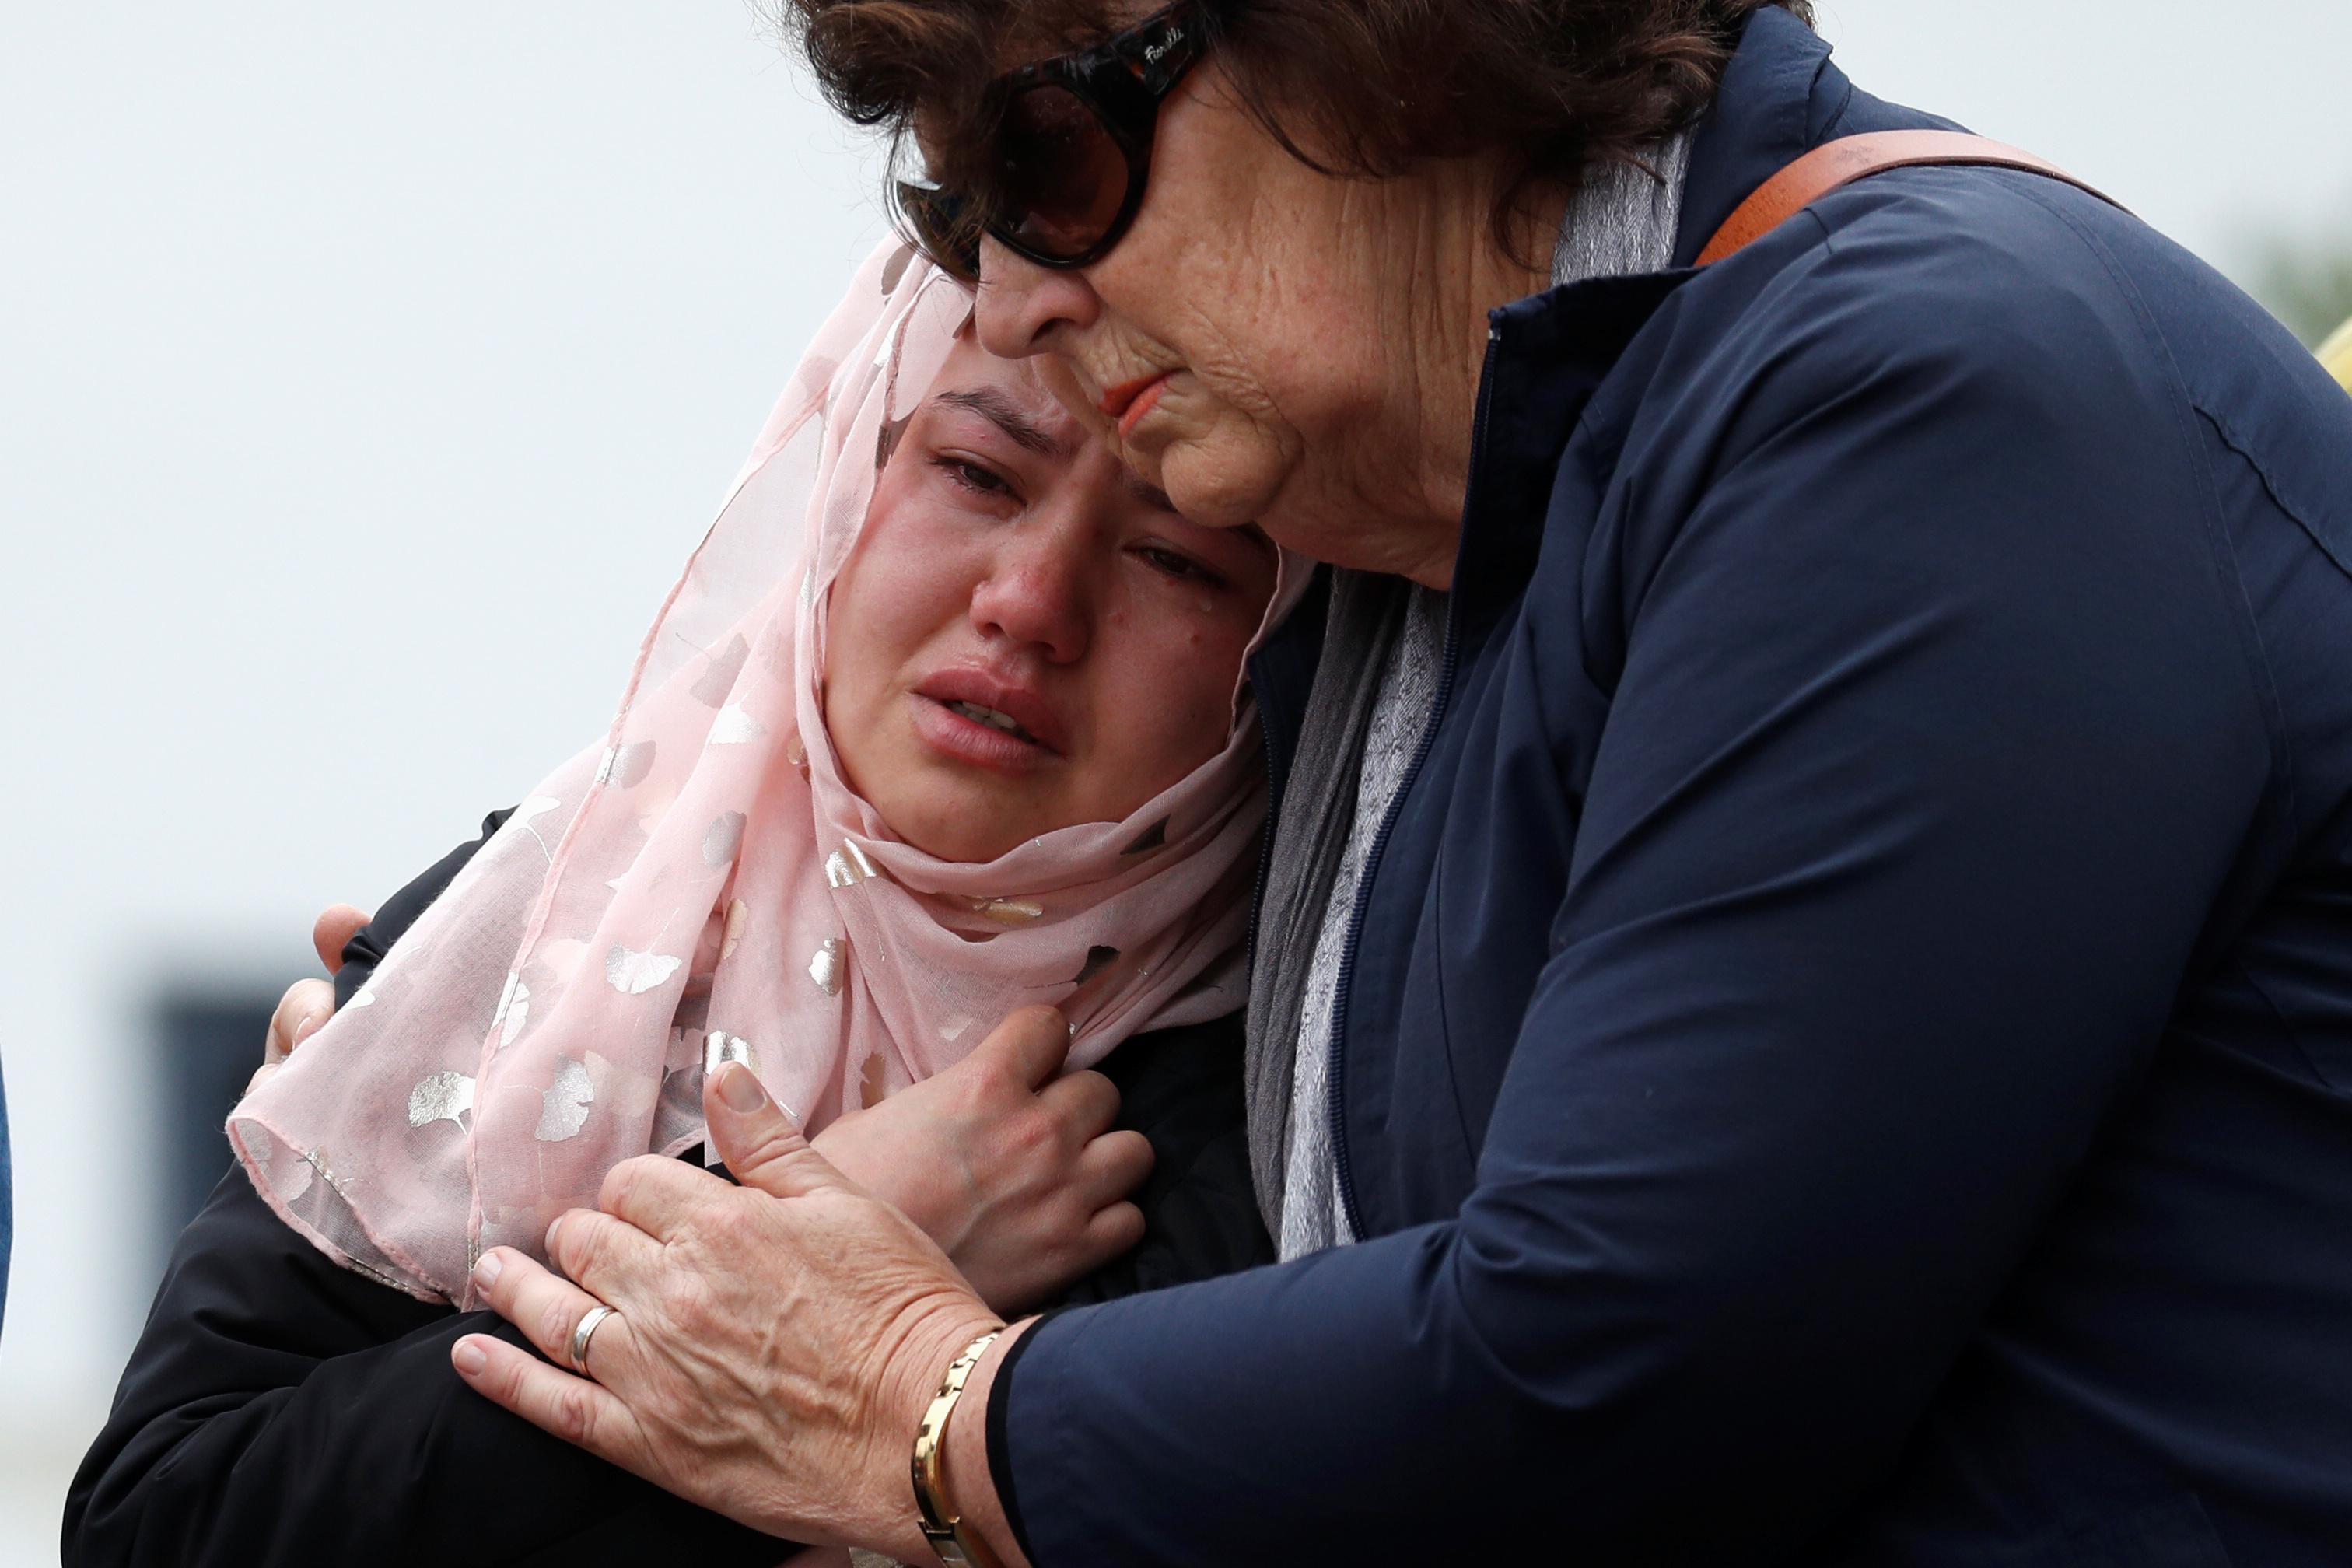 نيوزلندية تحتضن فتاة مكلومة لفقدان ذويها